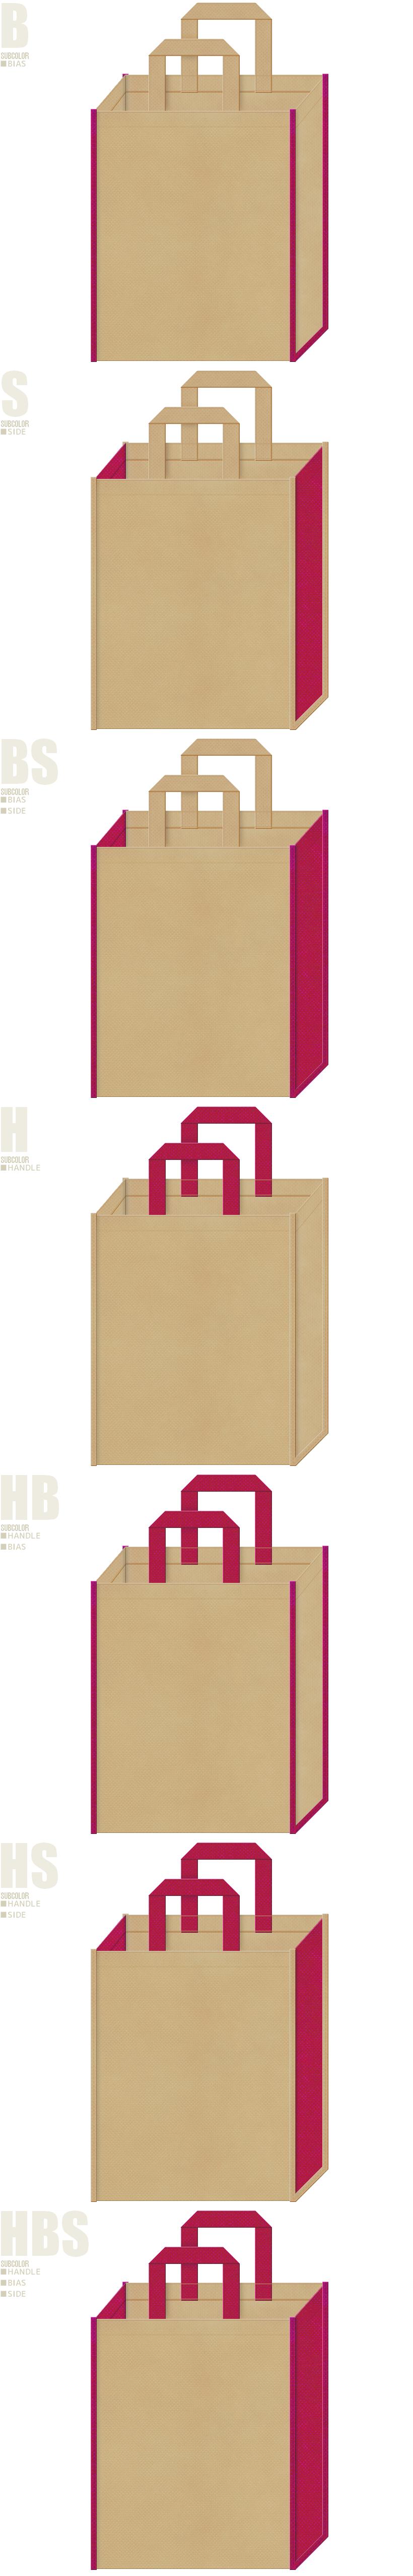 南国・リゾート・アイランド・トロピカル・カクテル・観光土産のショッピングバッグにお奨めの不織布バッグデザイン:カーキ色と濃いピンク色の配色7パターン。